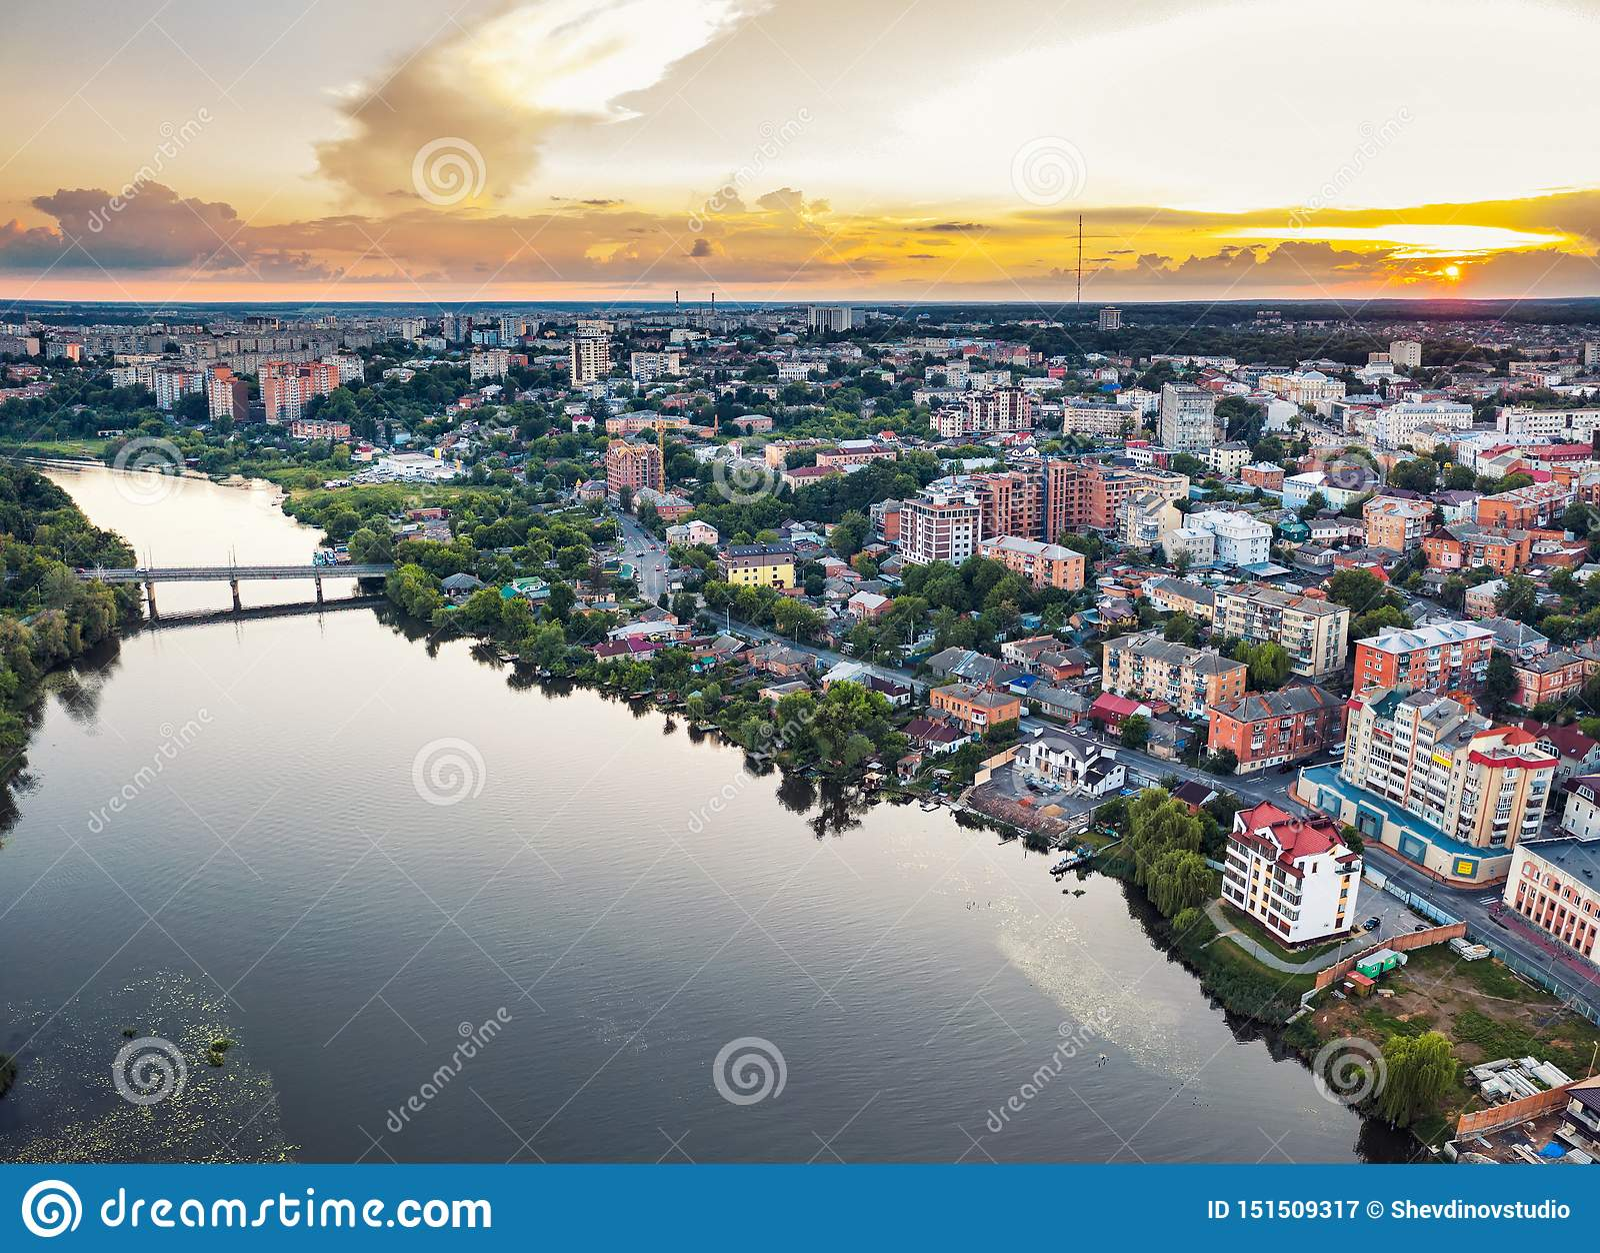 Cidade ou cidade de país provincial europeia panorâmico com rio, foto Vinnitsa do ar do zangão, por do sol de Ucrânia